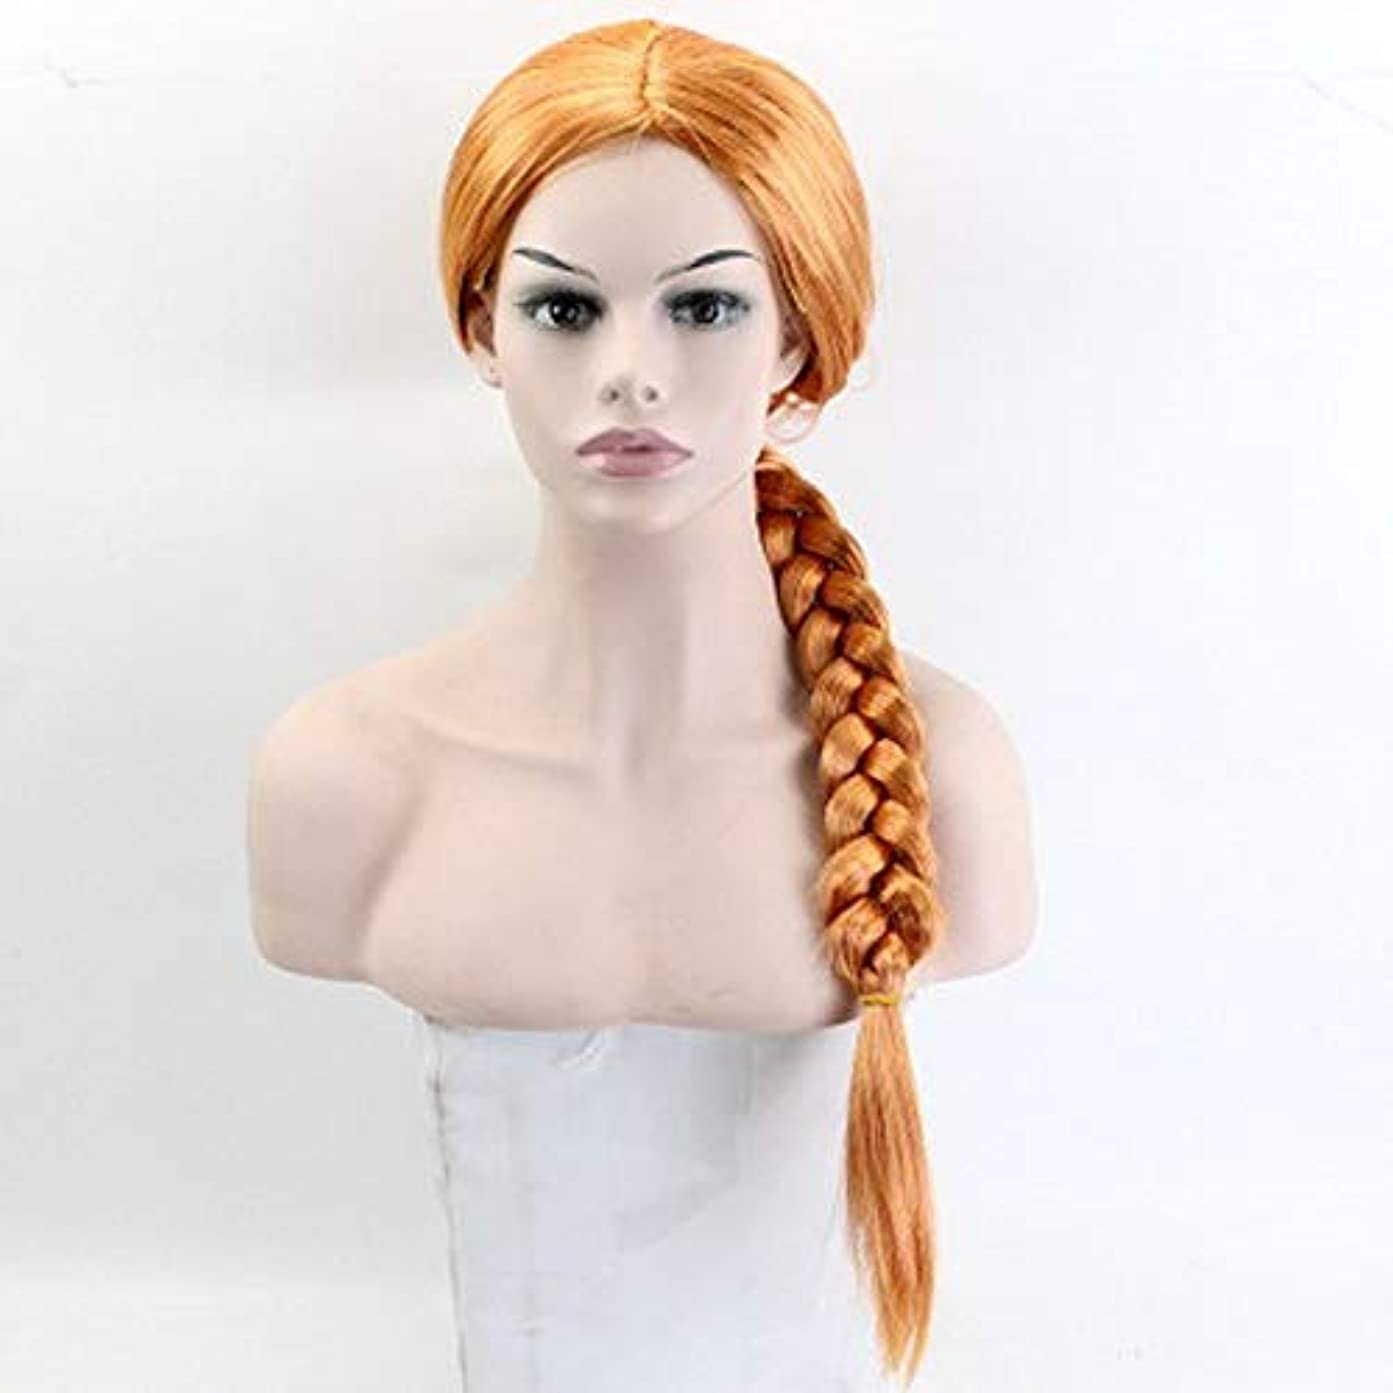 女性のための色のかつら長いウェーブのかかった髪、高密度温度合成かつら女性のグルーレスウェーブのかかったコスプレヘアウィッグ、女性のための耐熱繊維の髪のかつら、紫色のウィッグ47インチ